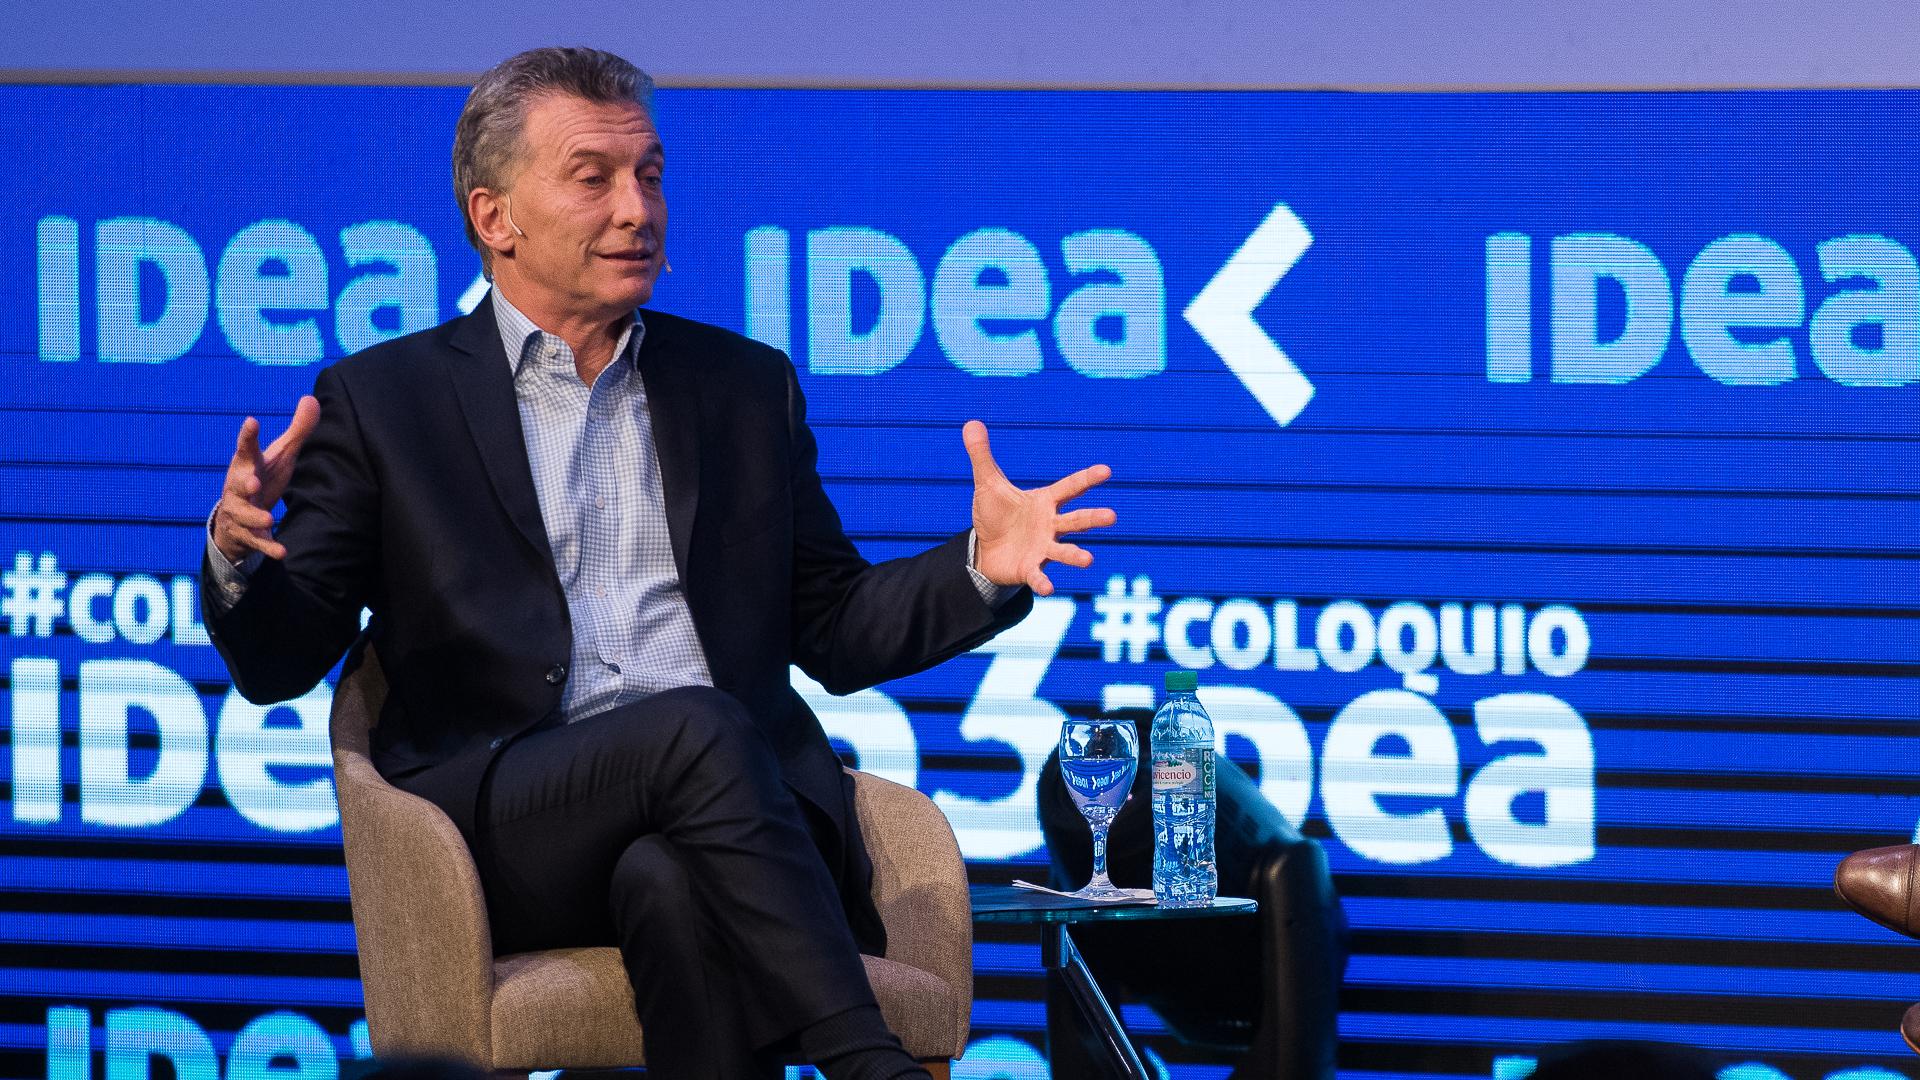 El presidente de la Nación Mauricio Macri en el cierre del 53 Coloquio de Idea en Mar del Plata